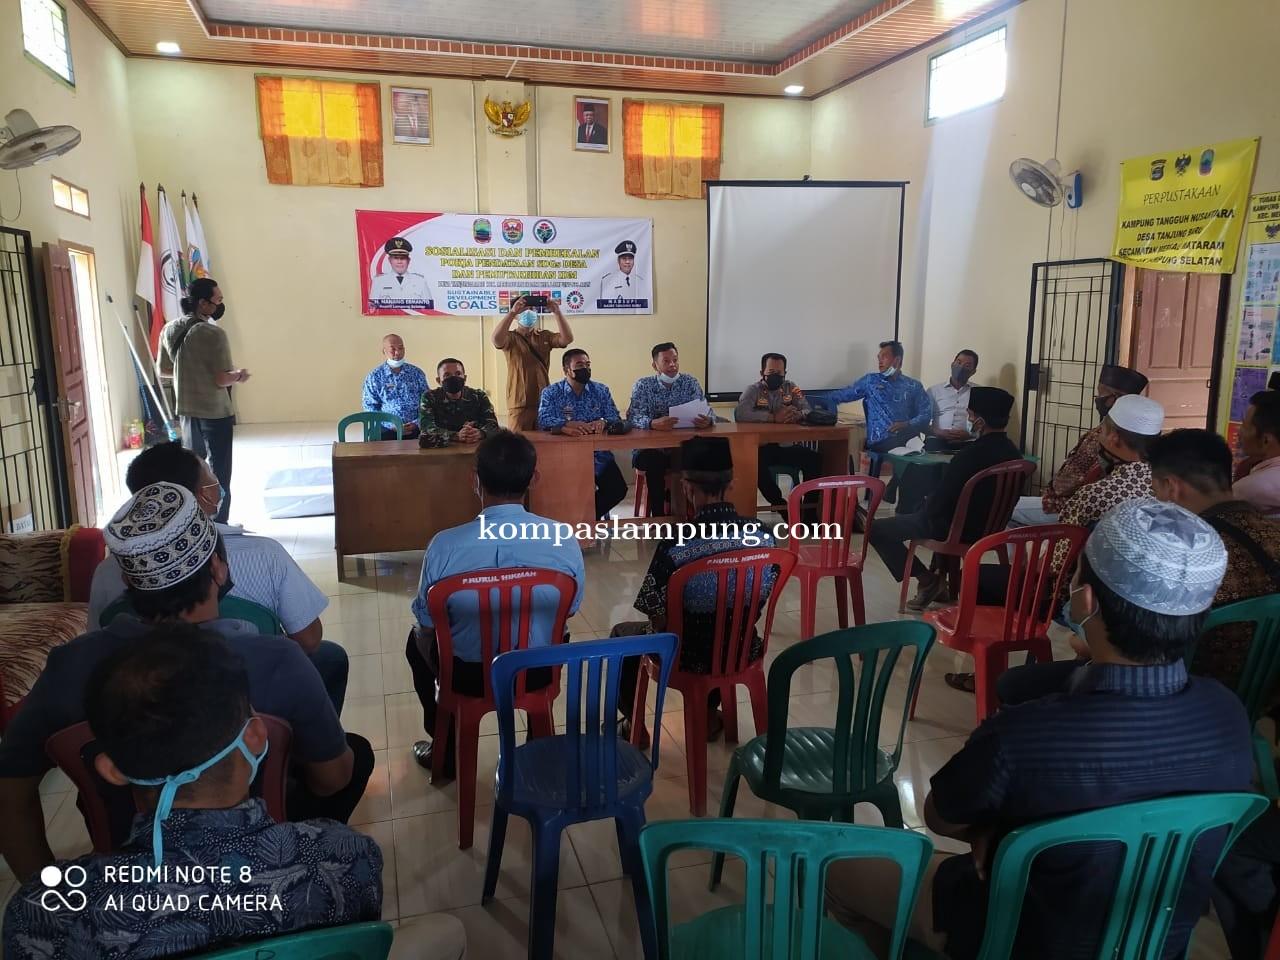 Plt Kades Tanjung Baru Fungsikan Kembali Kadus Yang Mengundurkan Diri Mengundang Polemik Baru